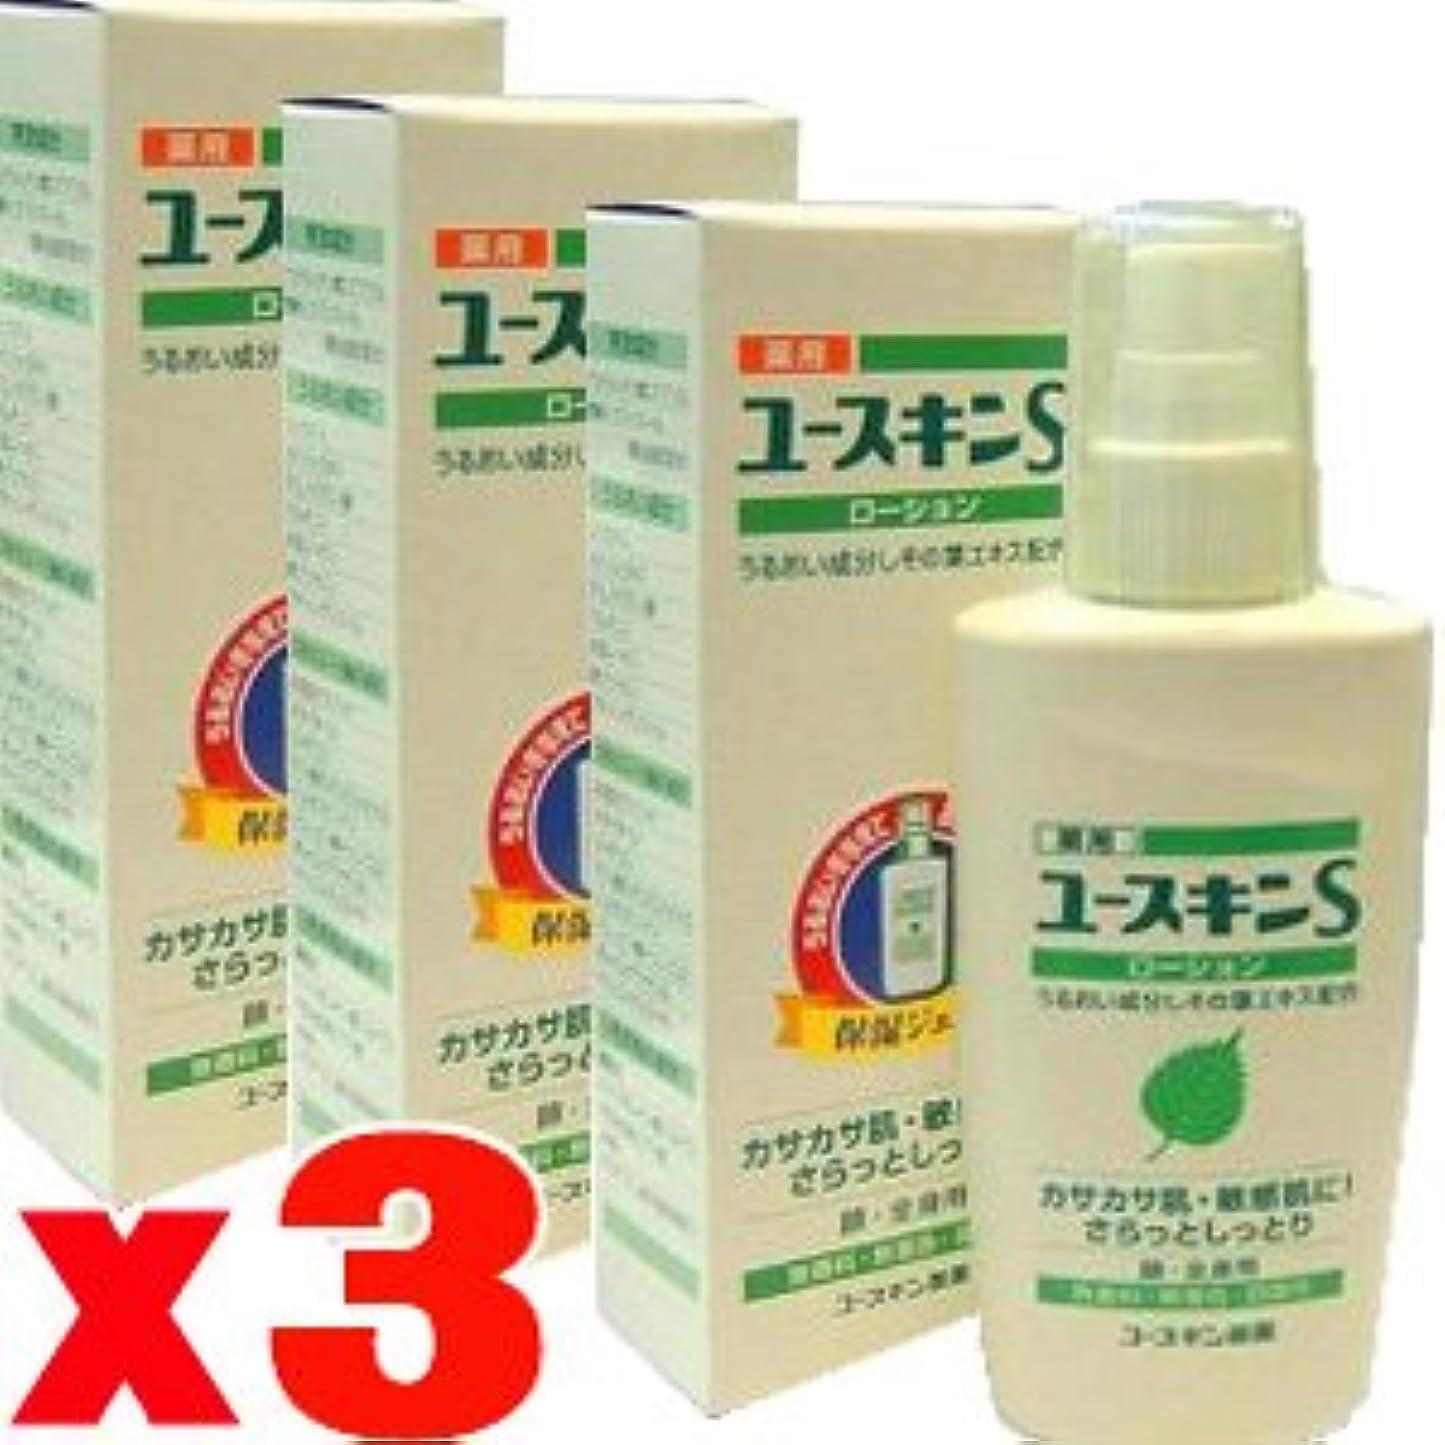 尊厳反抗ヘルパー【3個】 薬用 ユースキンSローション 150ml ×3個セット 4987353010312